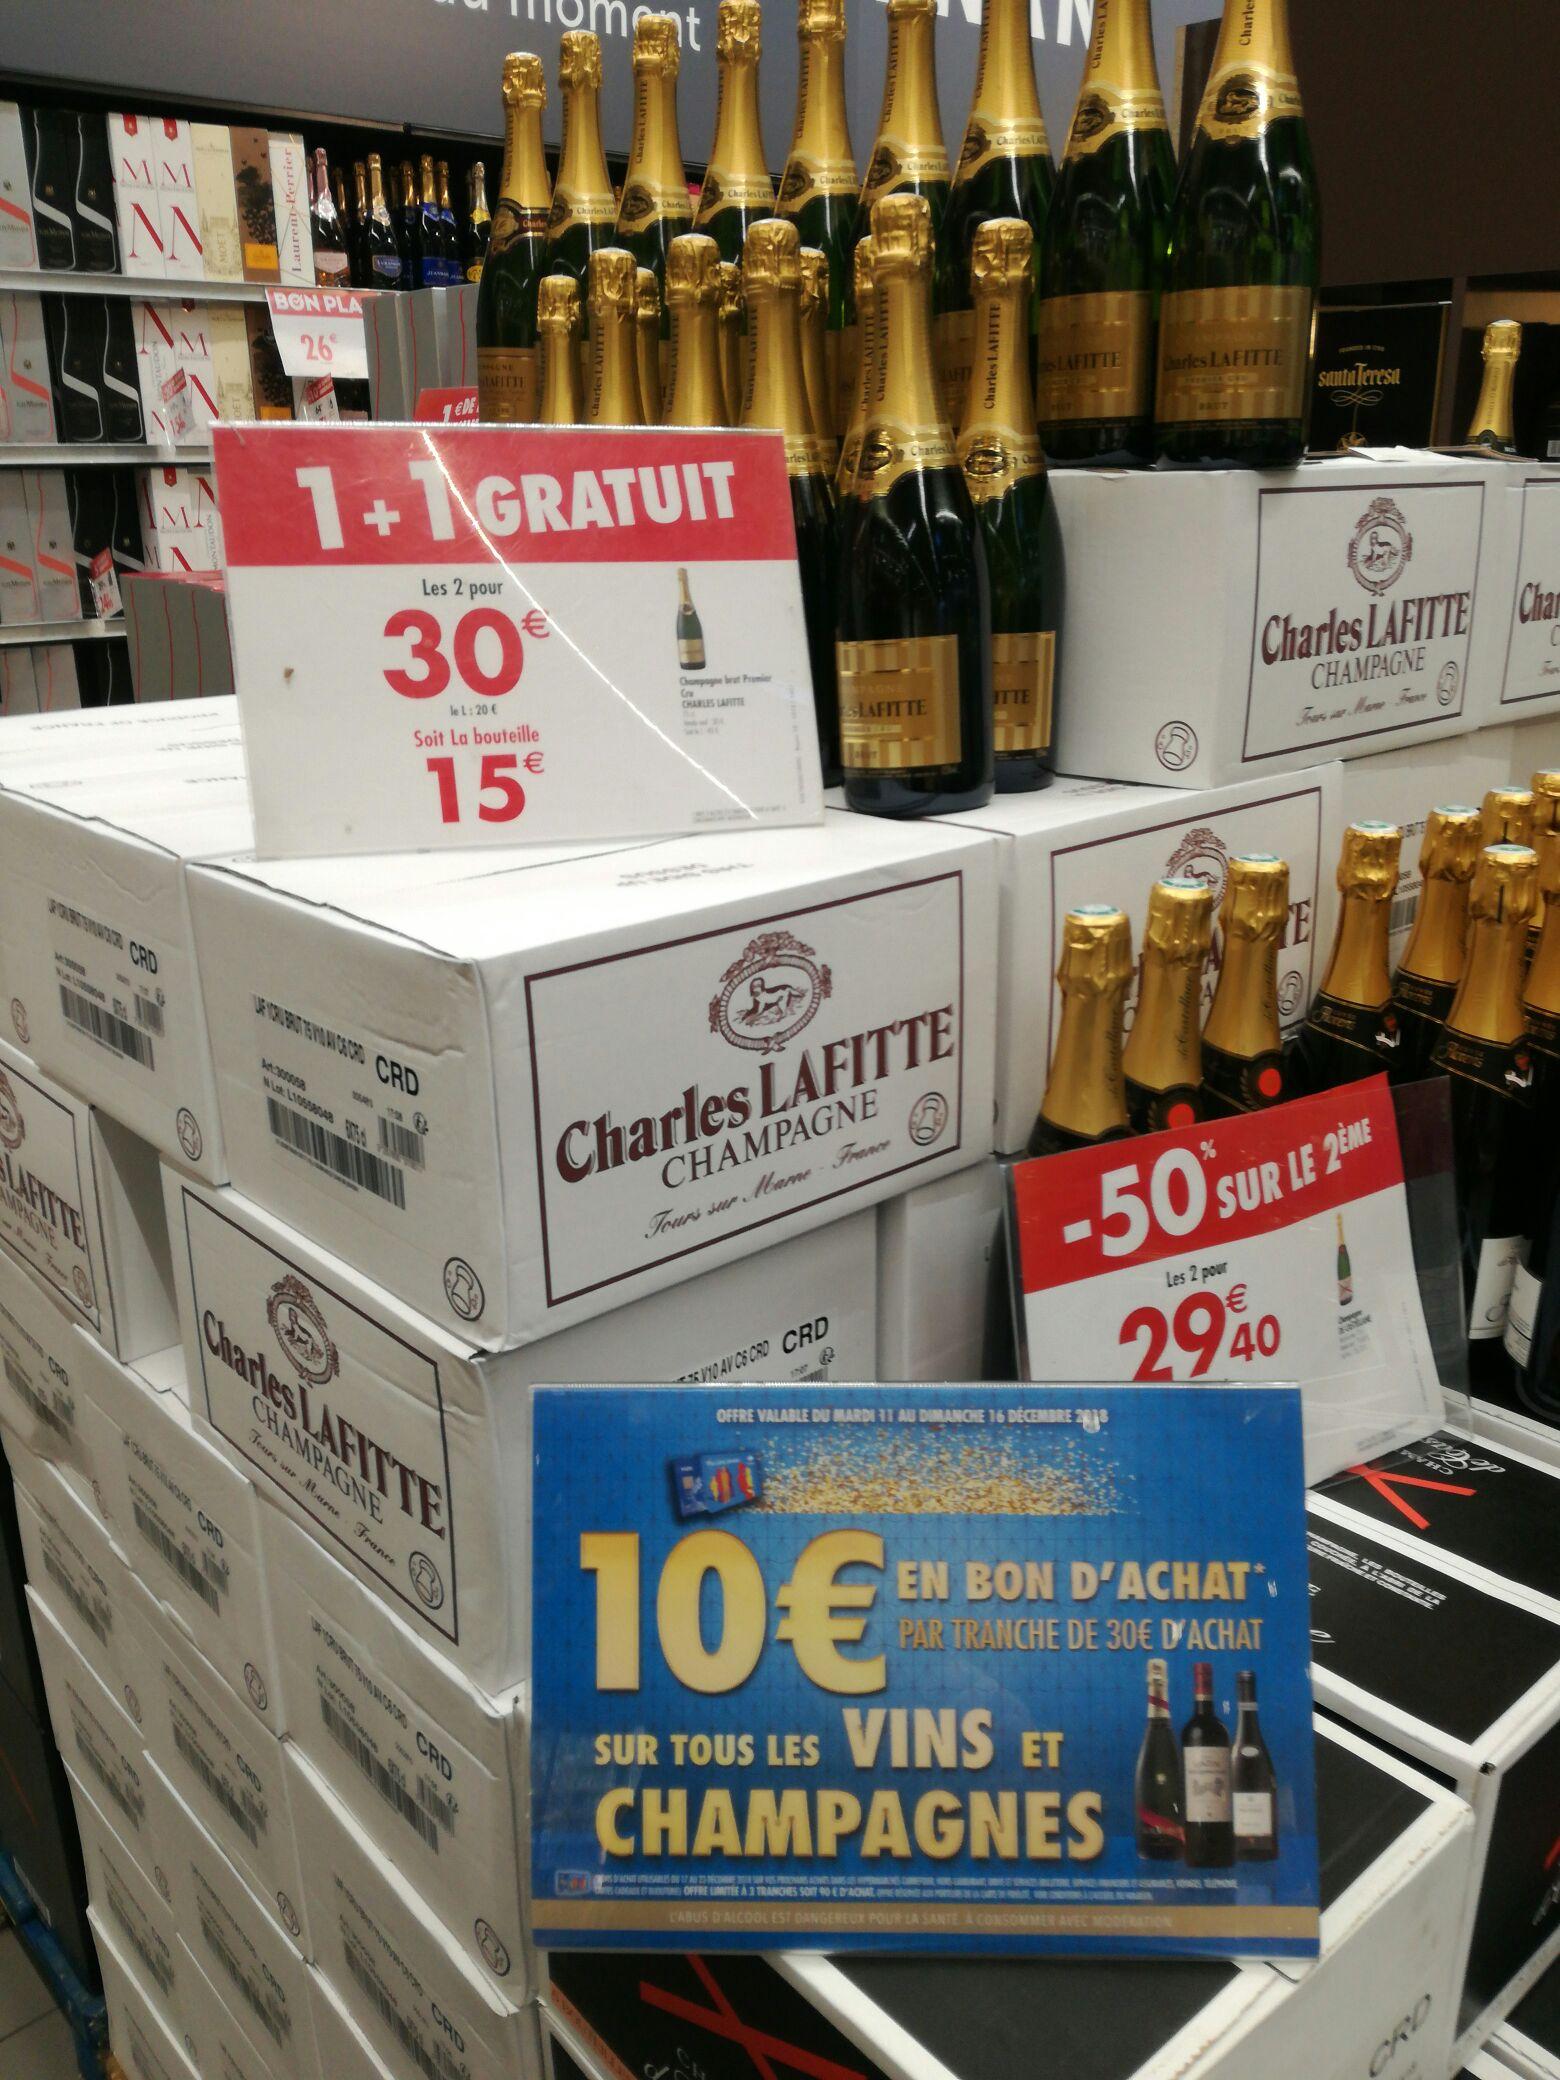 Lot de 2 bouteilles de Champagne premier cru Charles Lafitte (Via 20€ en bon d'achat avec la carte fidélité) - 70cl